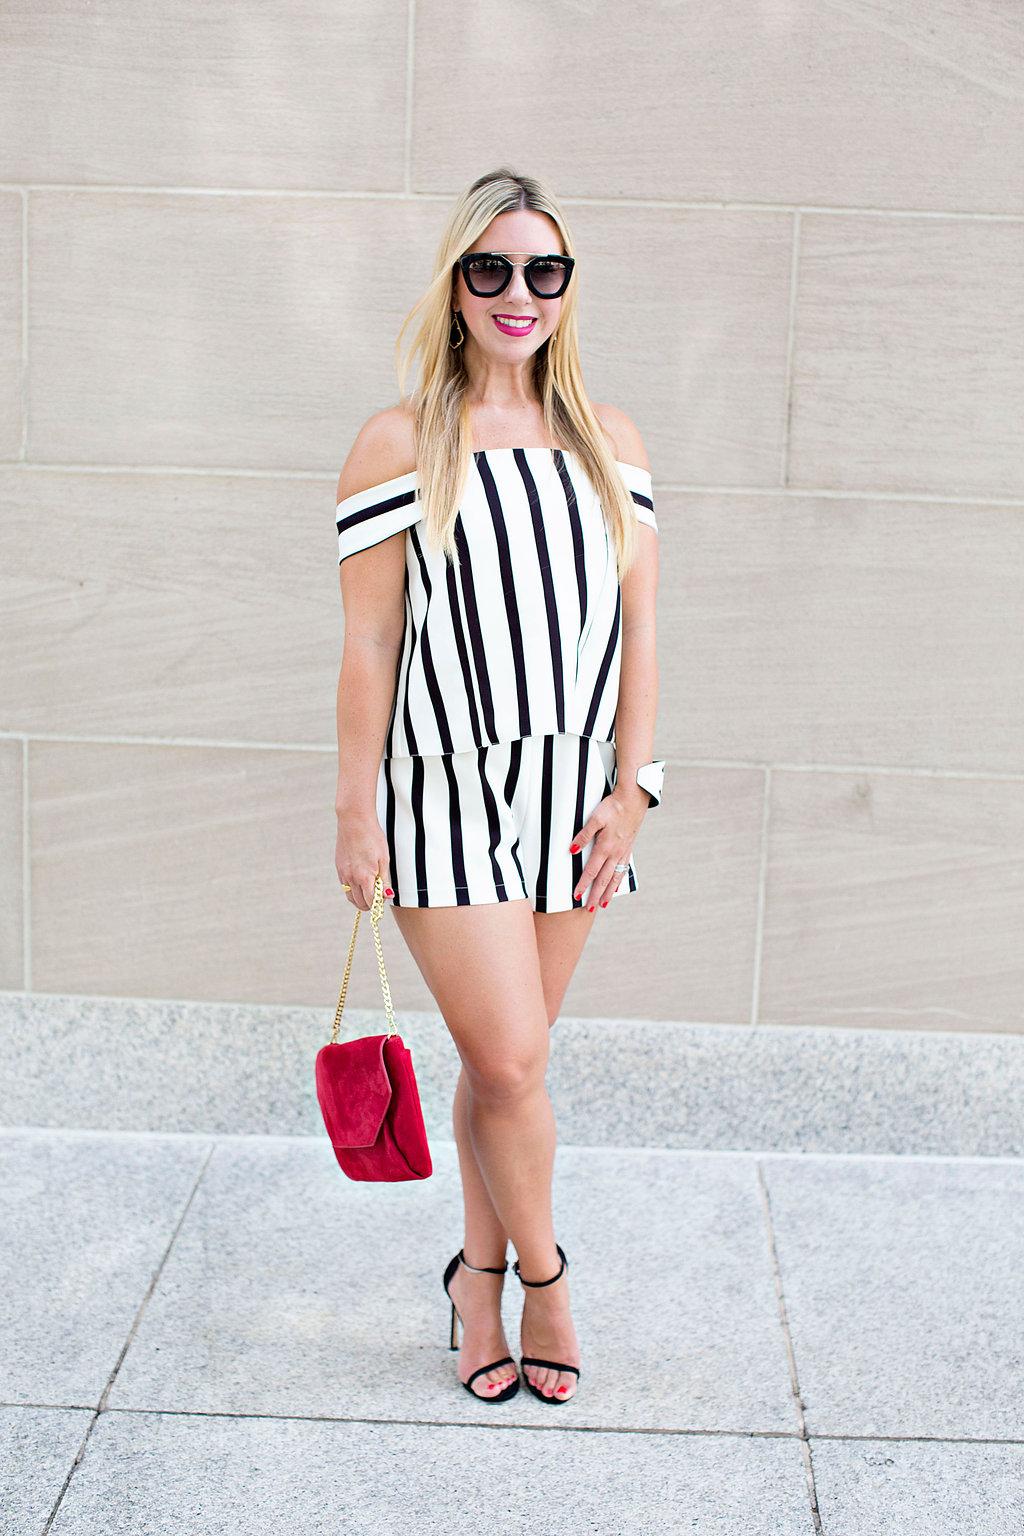 Striped Romper - The Darling Petite Diva Blog